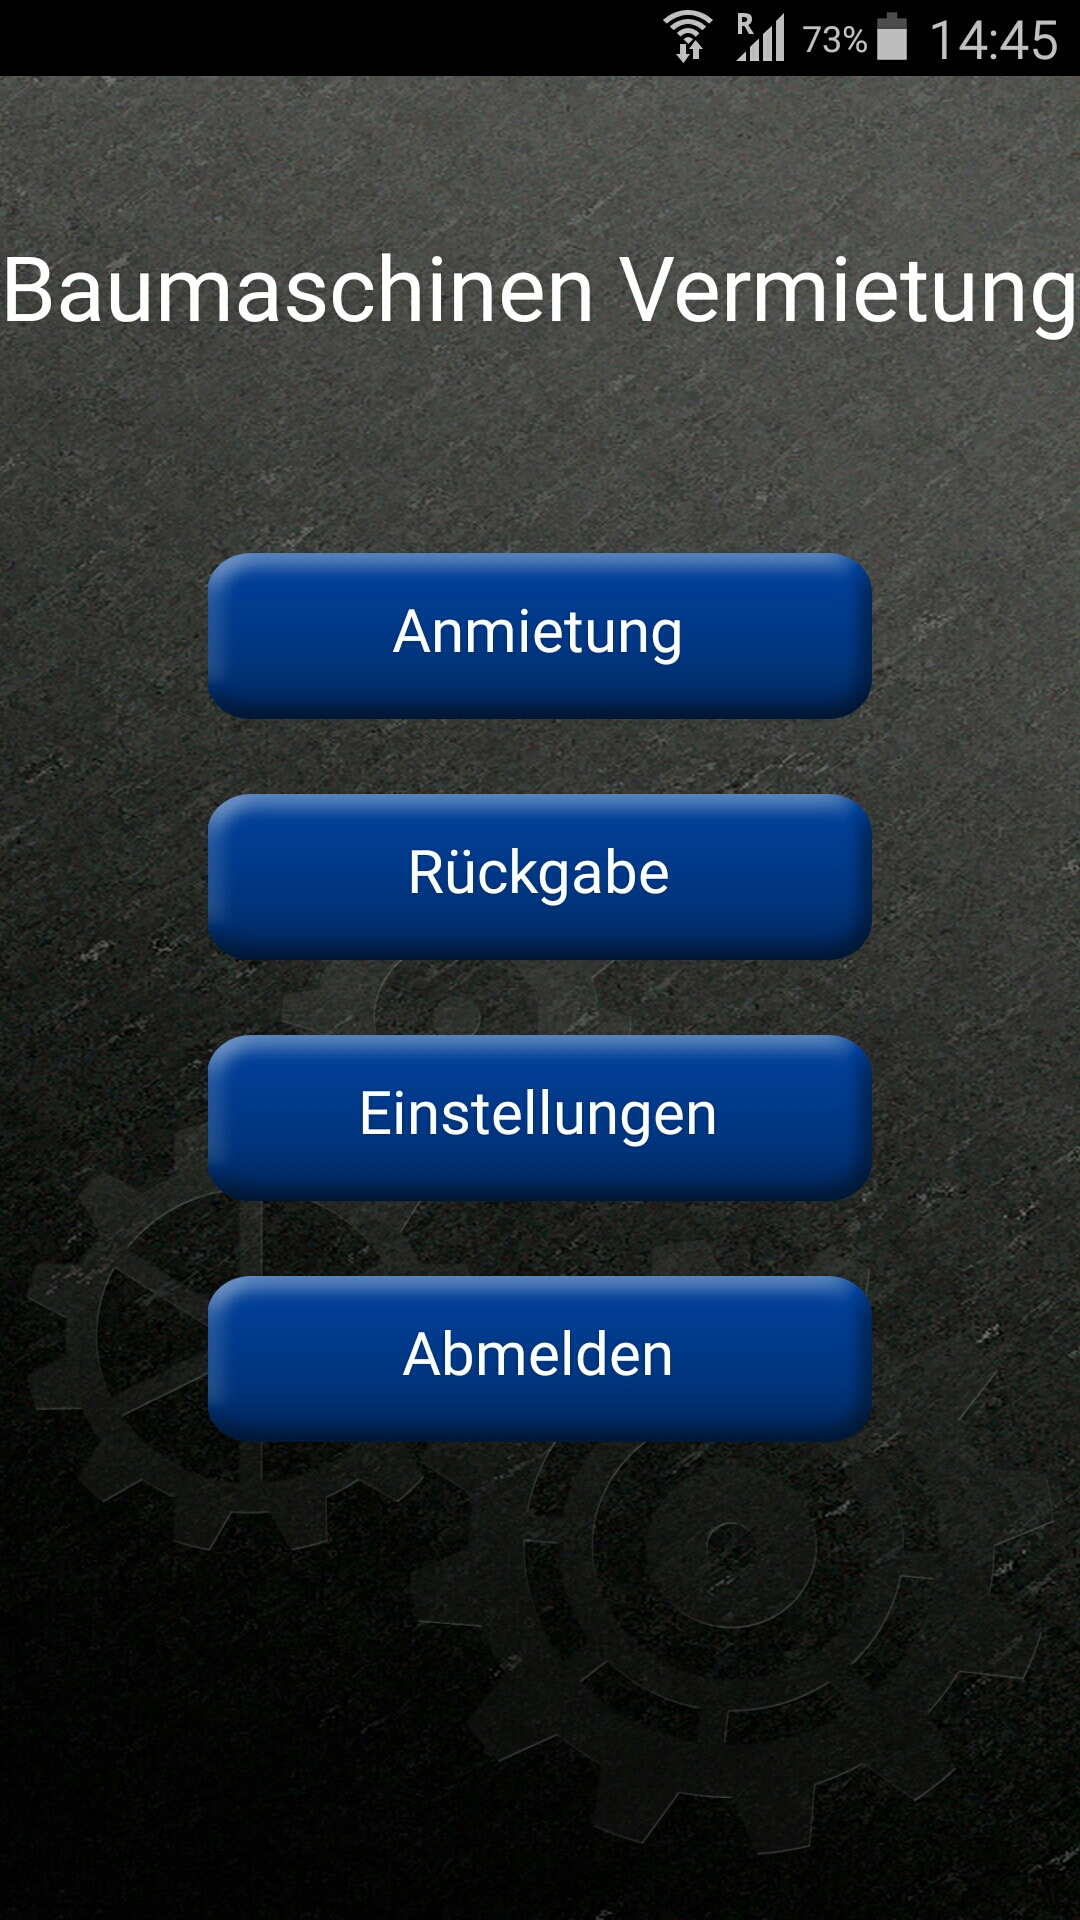 ginstr_app_constructionEquipmentHire_DE_2